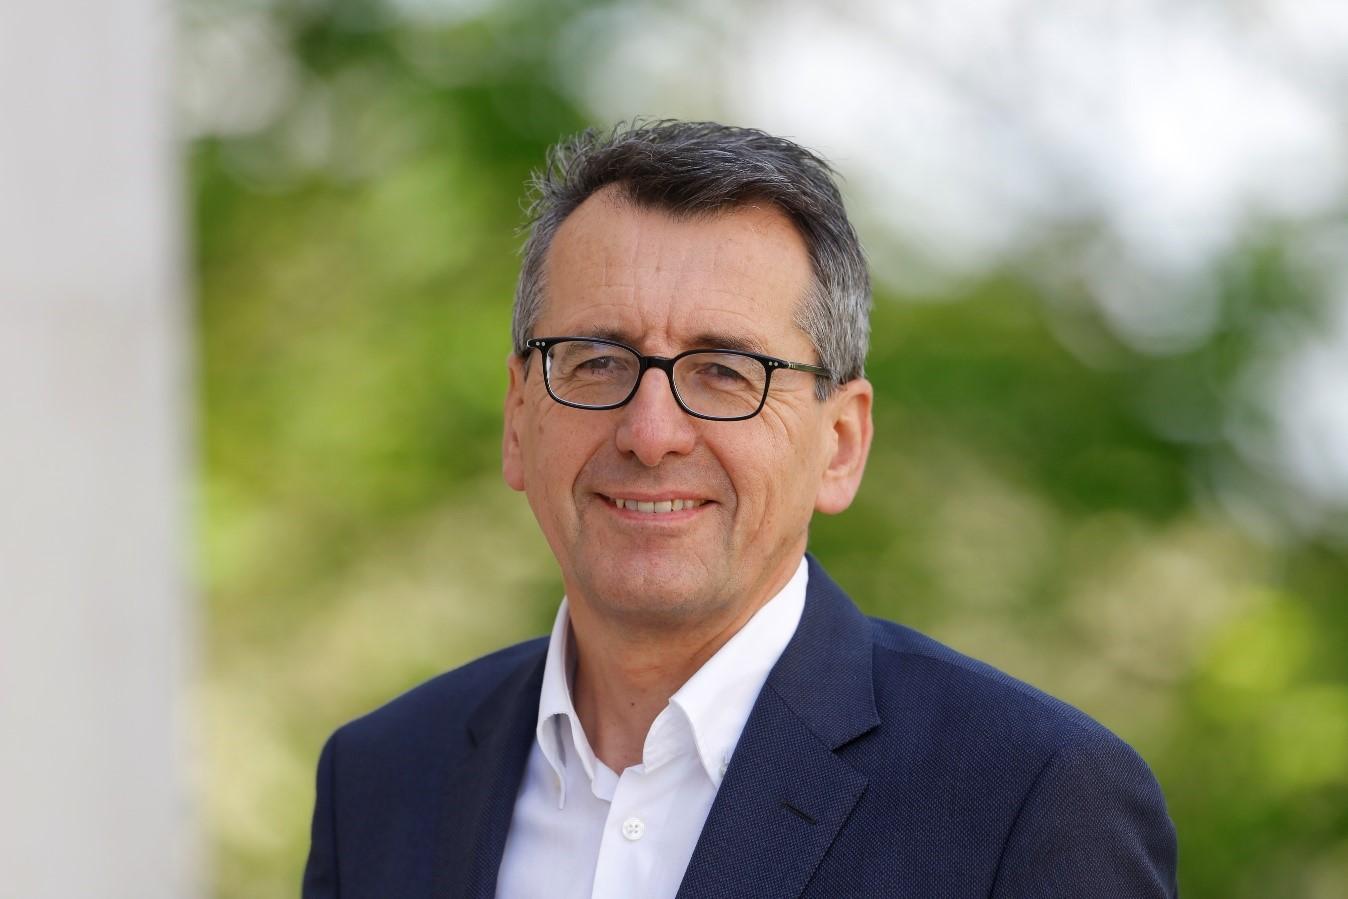 Sprecher Prof. Dr. Jan Pieter Krahnen bei der Frankfurter Regulierungskonferenz